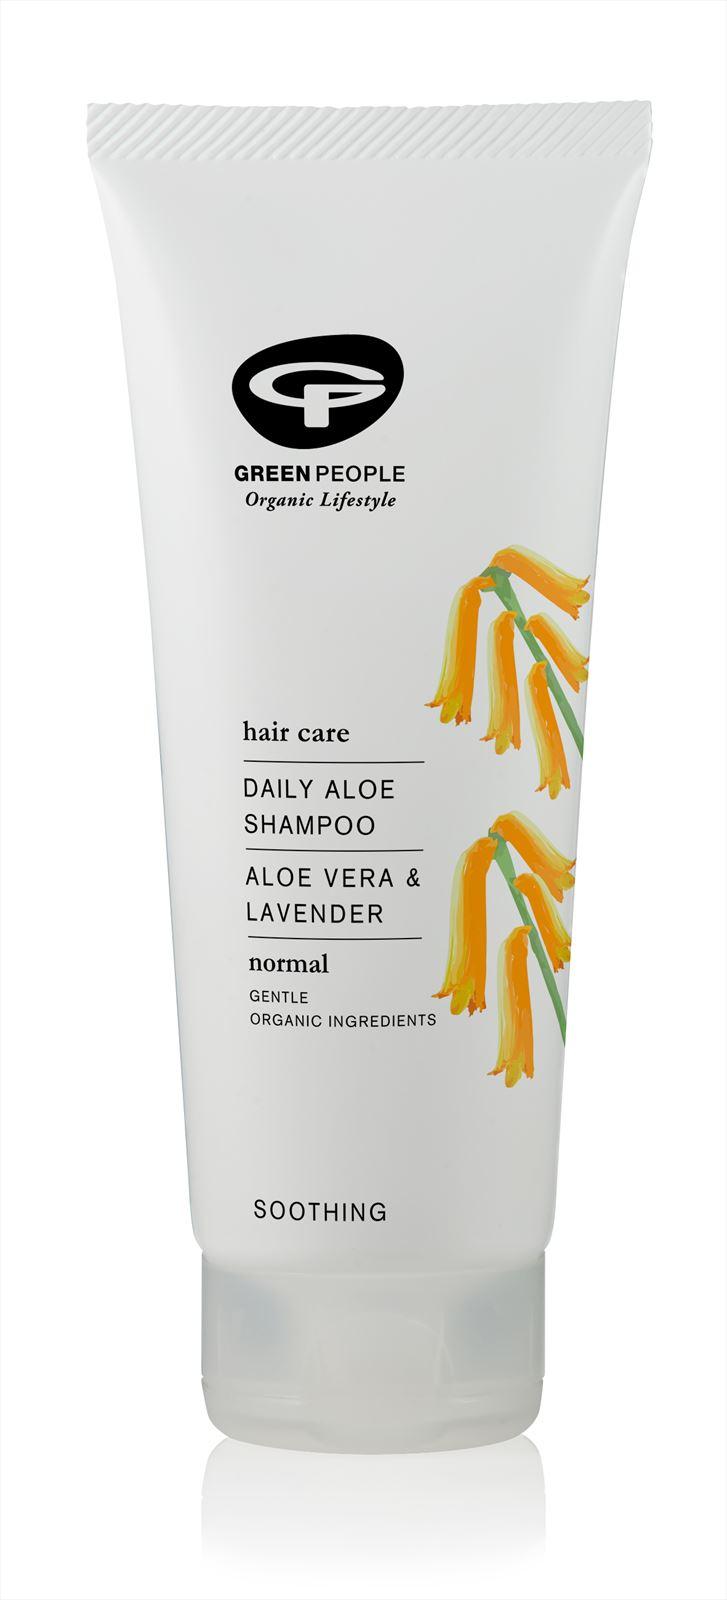 SLS vrije shampoo